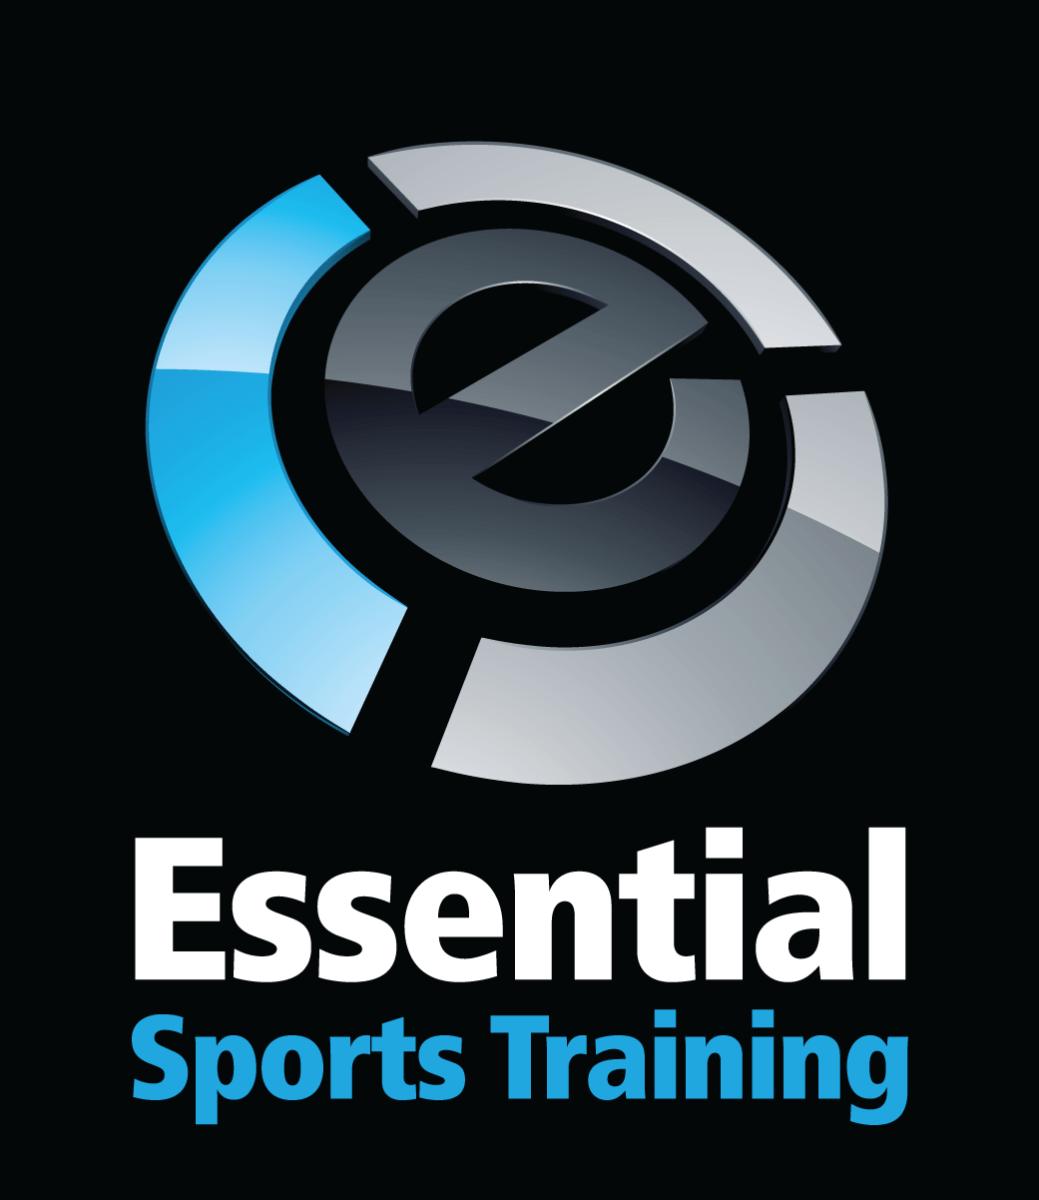 Essential Sports Training logo ol